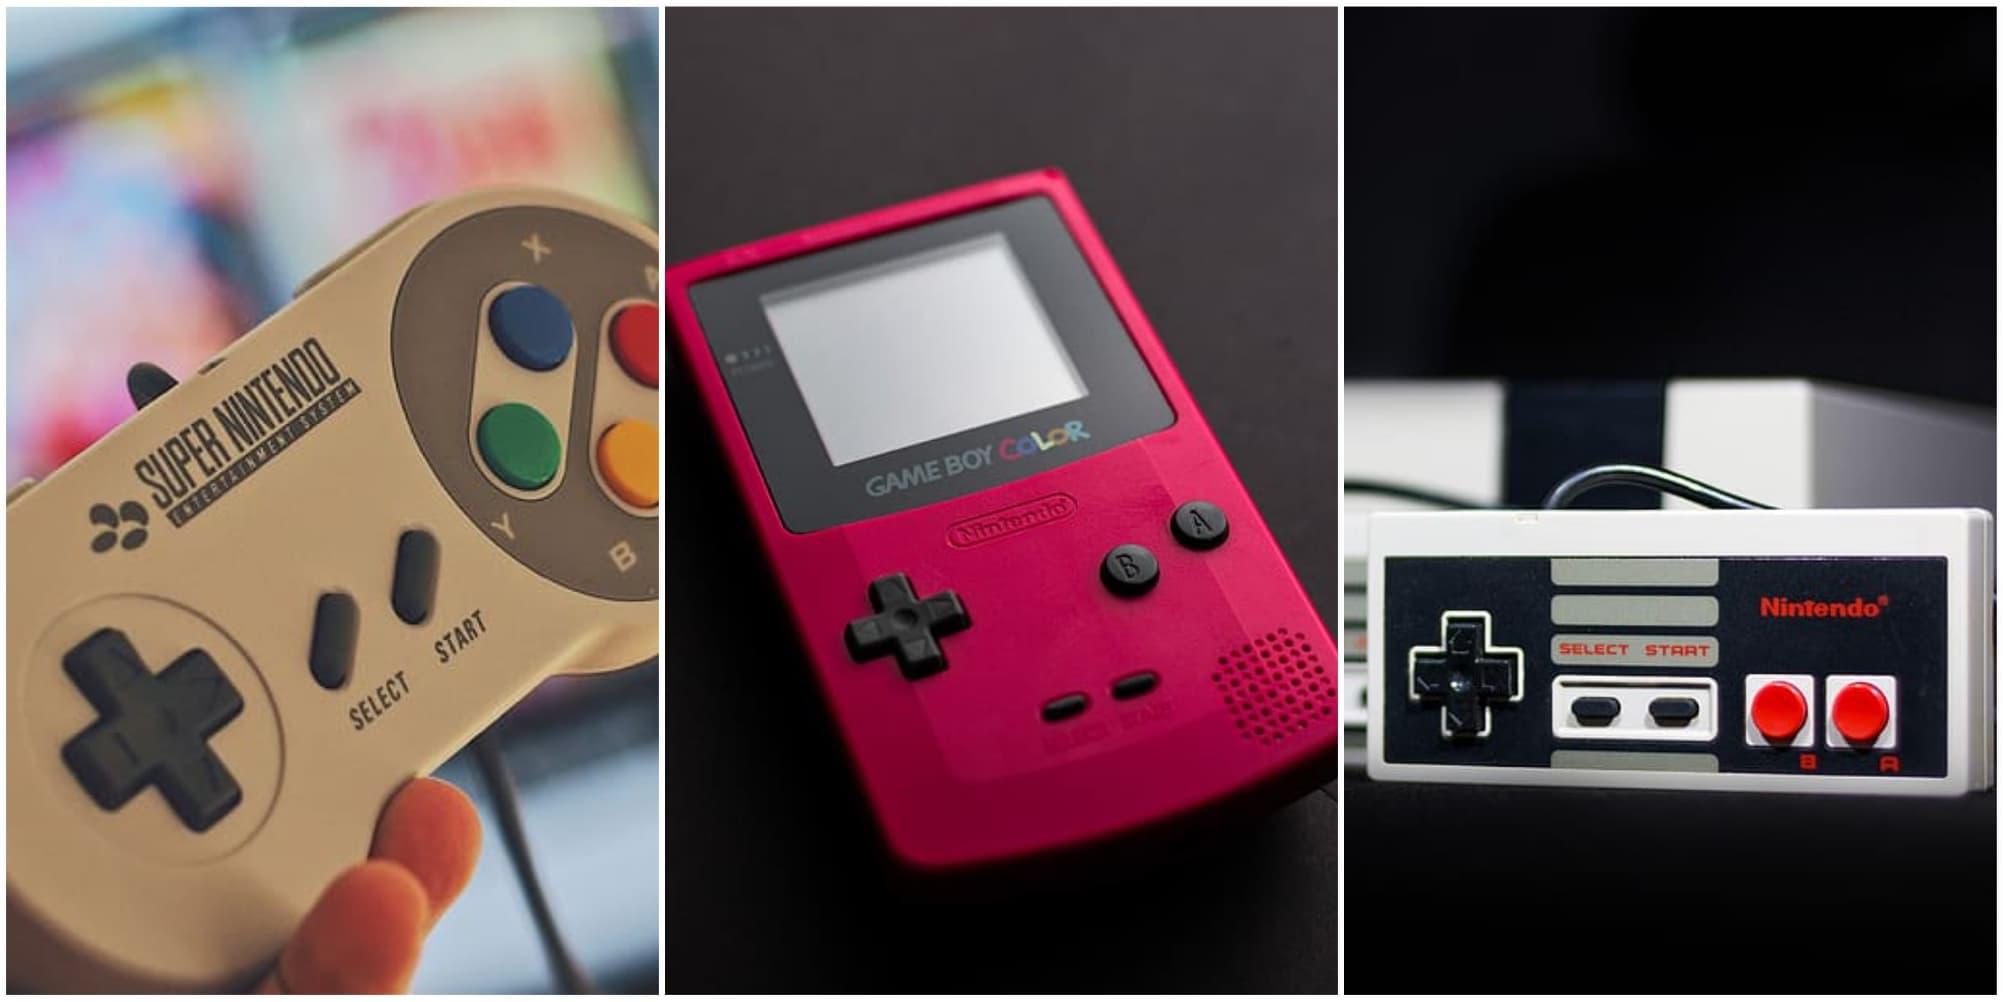 Te decimos cómo jugar un montón de videojuegos clásicos GRATIS 🎮